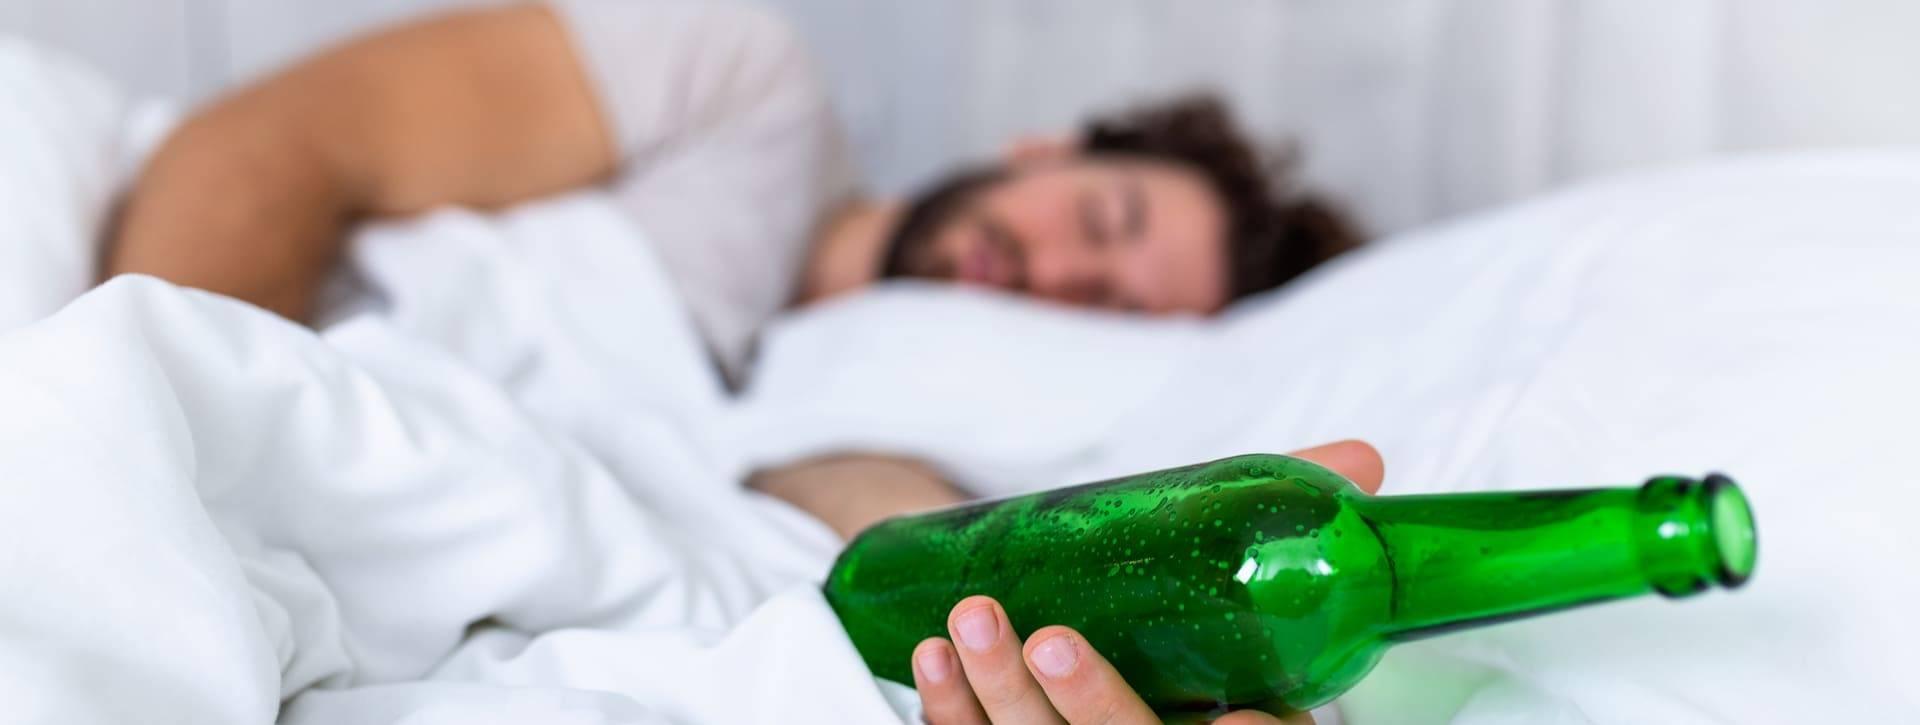 Синдром отмены алкоголя — симптомы, диагностика и лечение